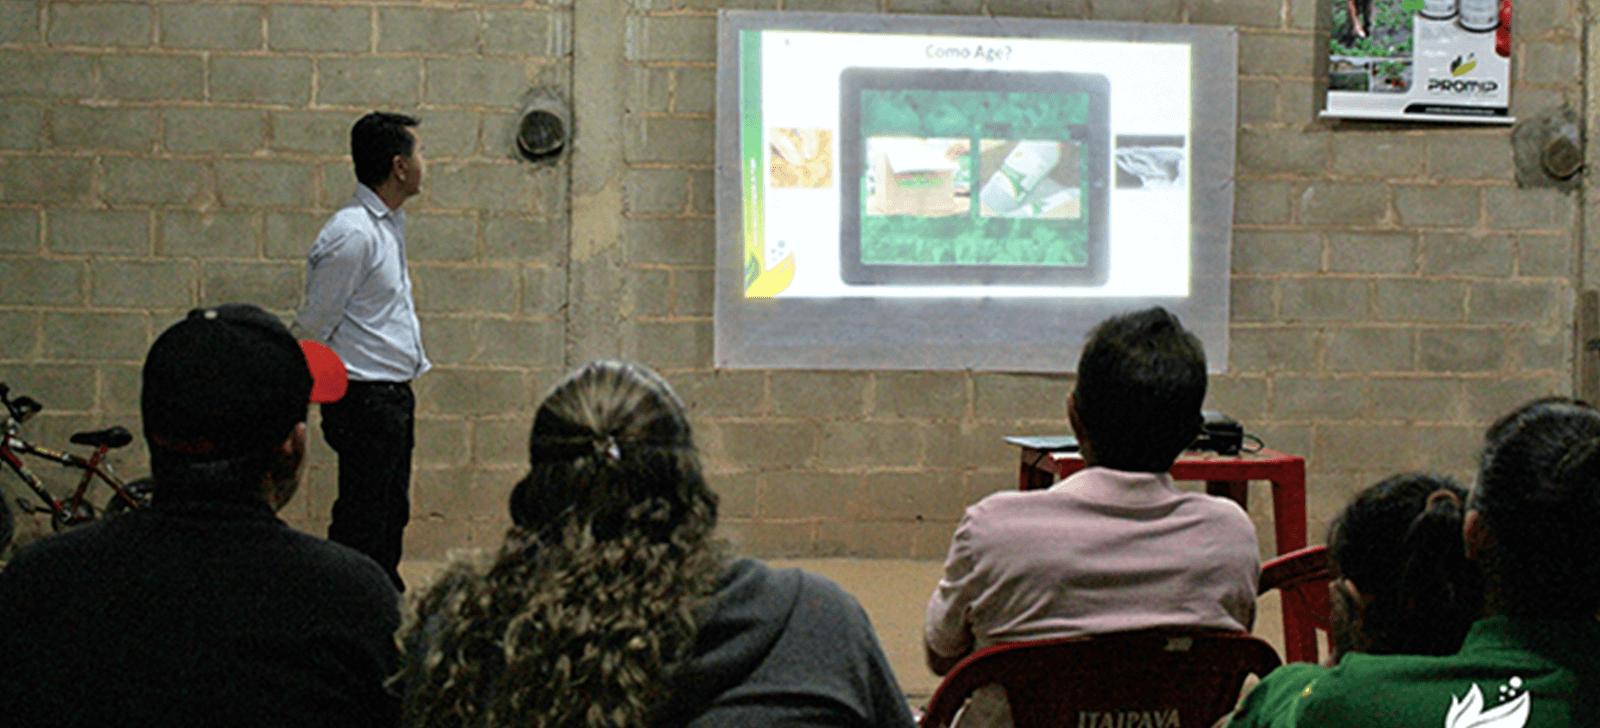 promip manejo integrado de pragas controle biologico beneficios uso de biologicos sao apresentados em evento para produtores morango (1)